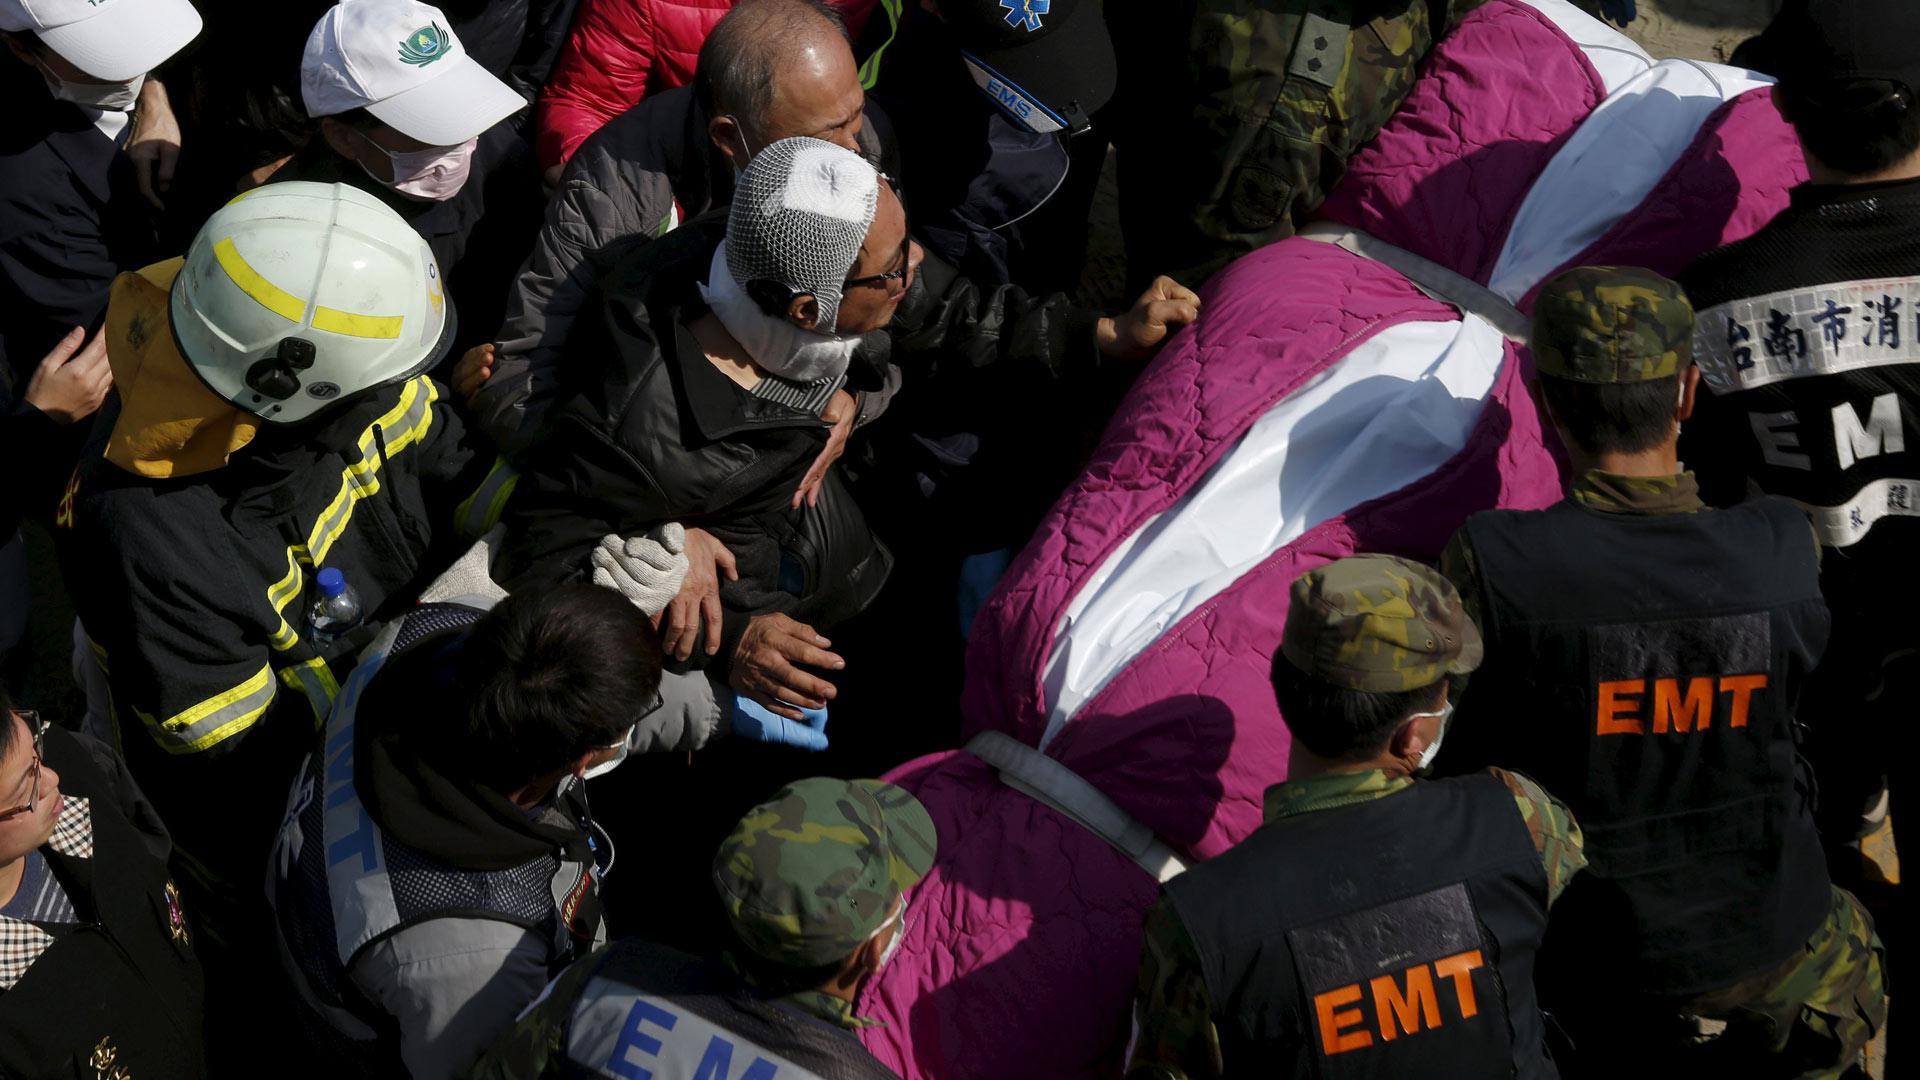 Taiwán sigue conmocionado por el sismo del sábado. Las búsquedas de desaparecidos continúan